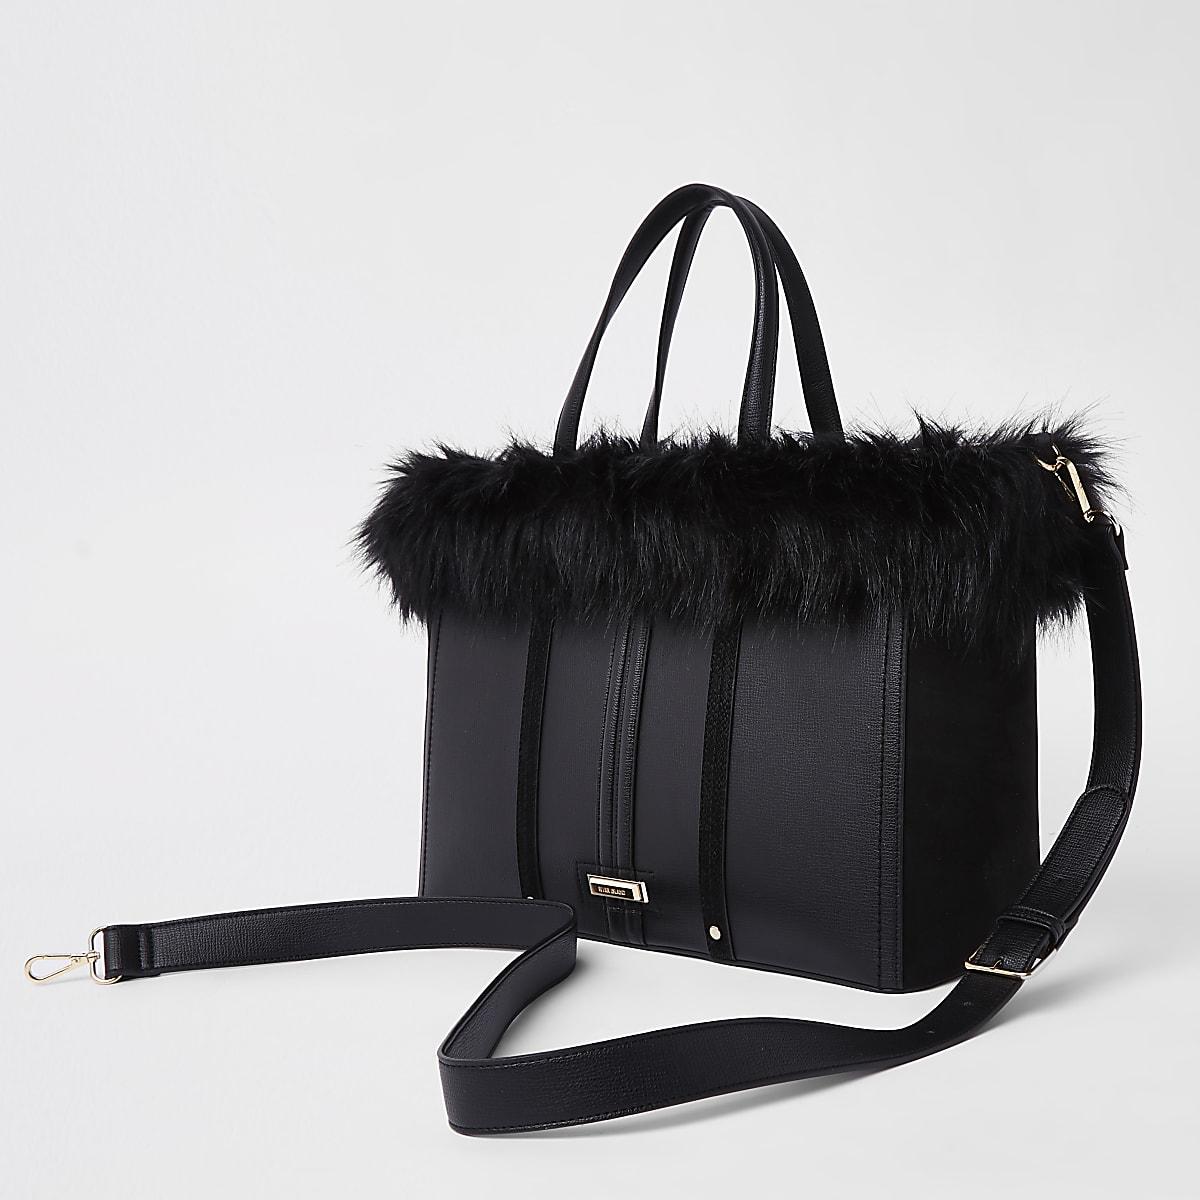 Schwarze Tote Bag mit Kunstfellbesatz